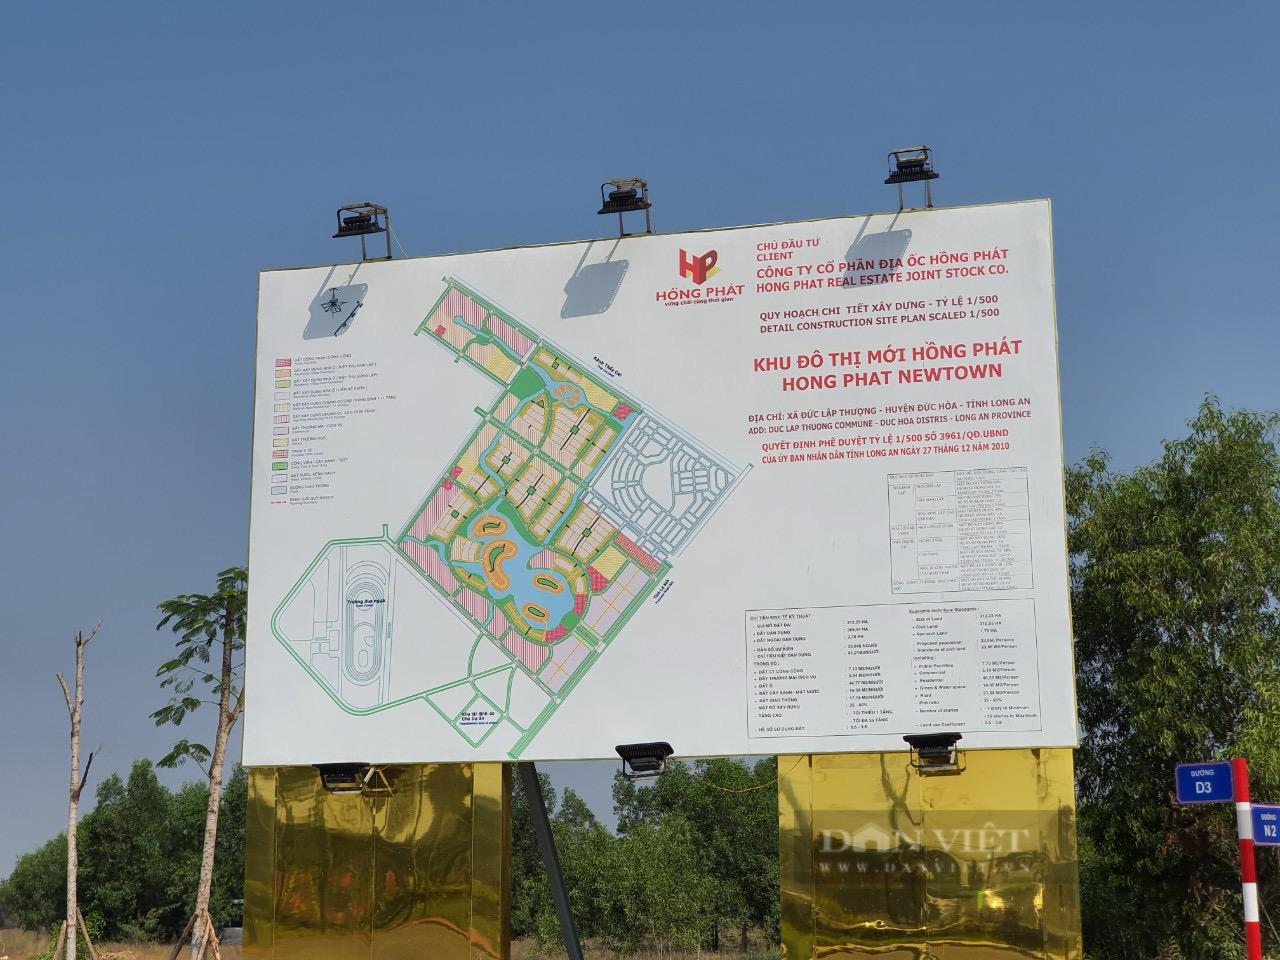 Dự án bất động sản đình trệ 14 năm ở Long An: Không thể liên doanh với nước ngoài, vì trái luật - Ảnh 6.